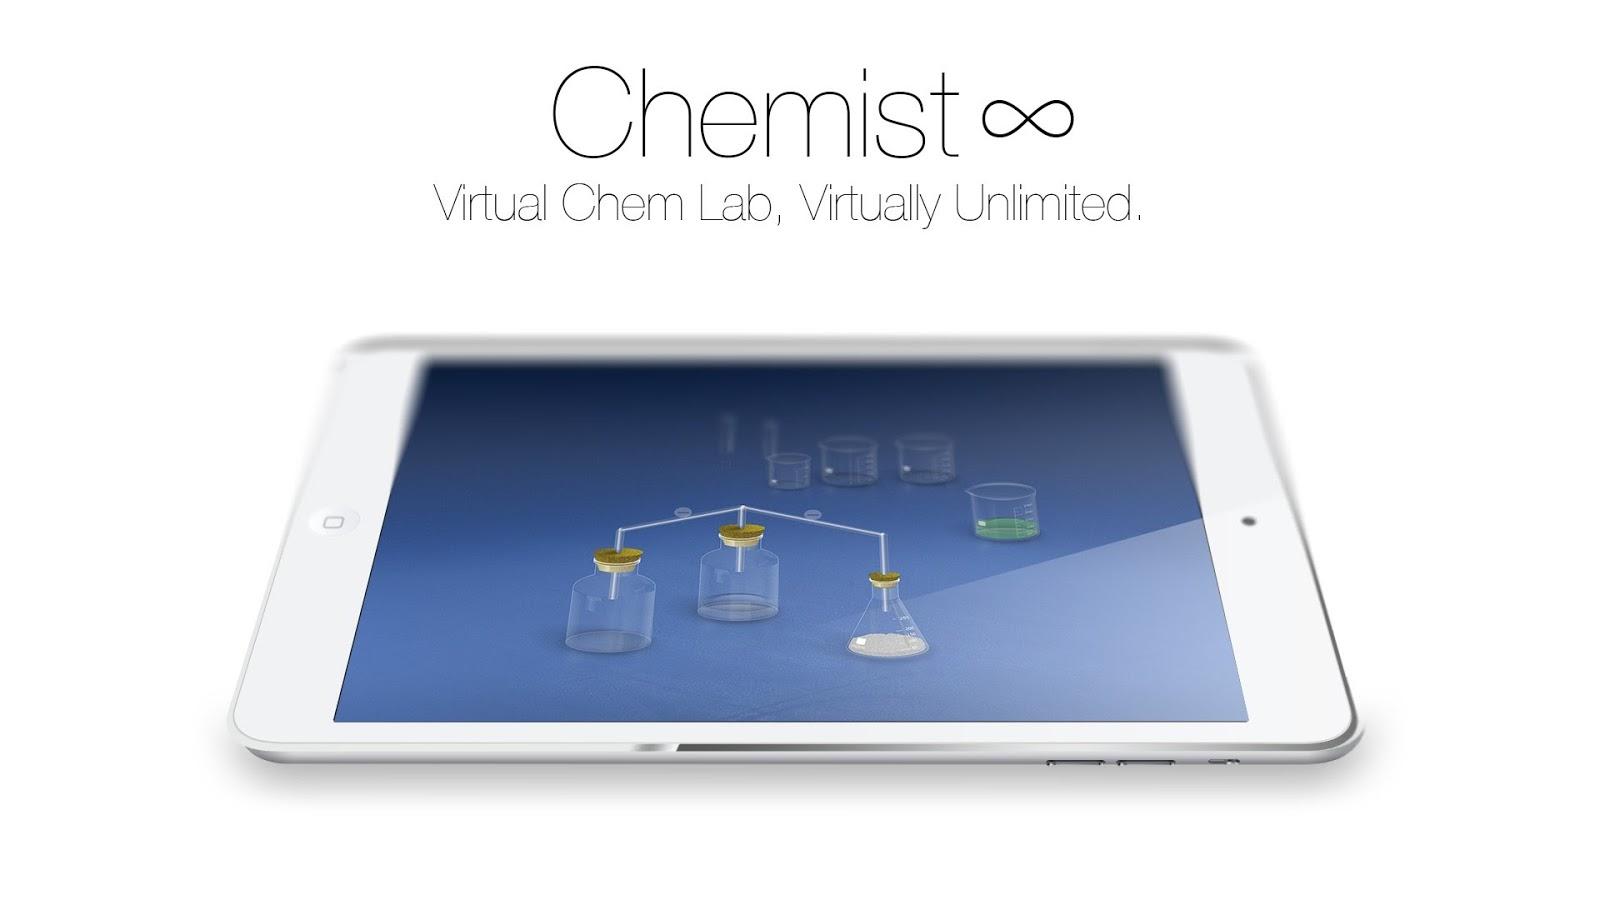 මෙන්න Chemistry කාරයින්ට සාක්කුවේ